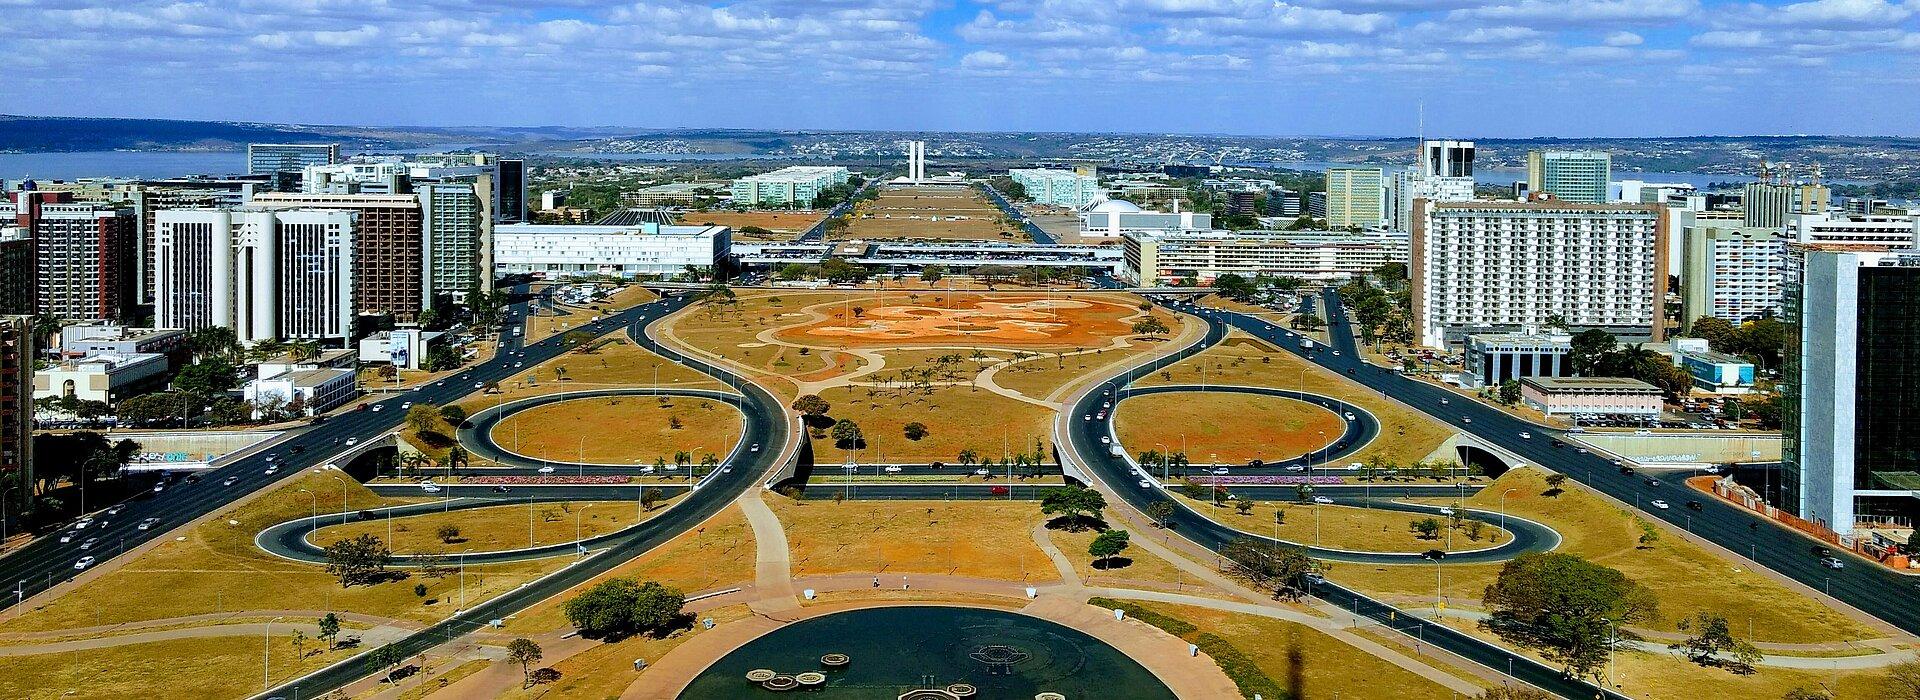 imagem do alto do planalto, em Brasília. o céu está azul, com algumas poucas nuvens brancas e pode-se ver os prédios, ruas e praças